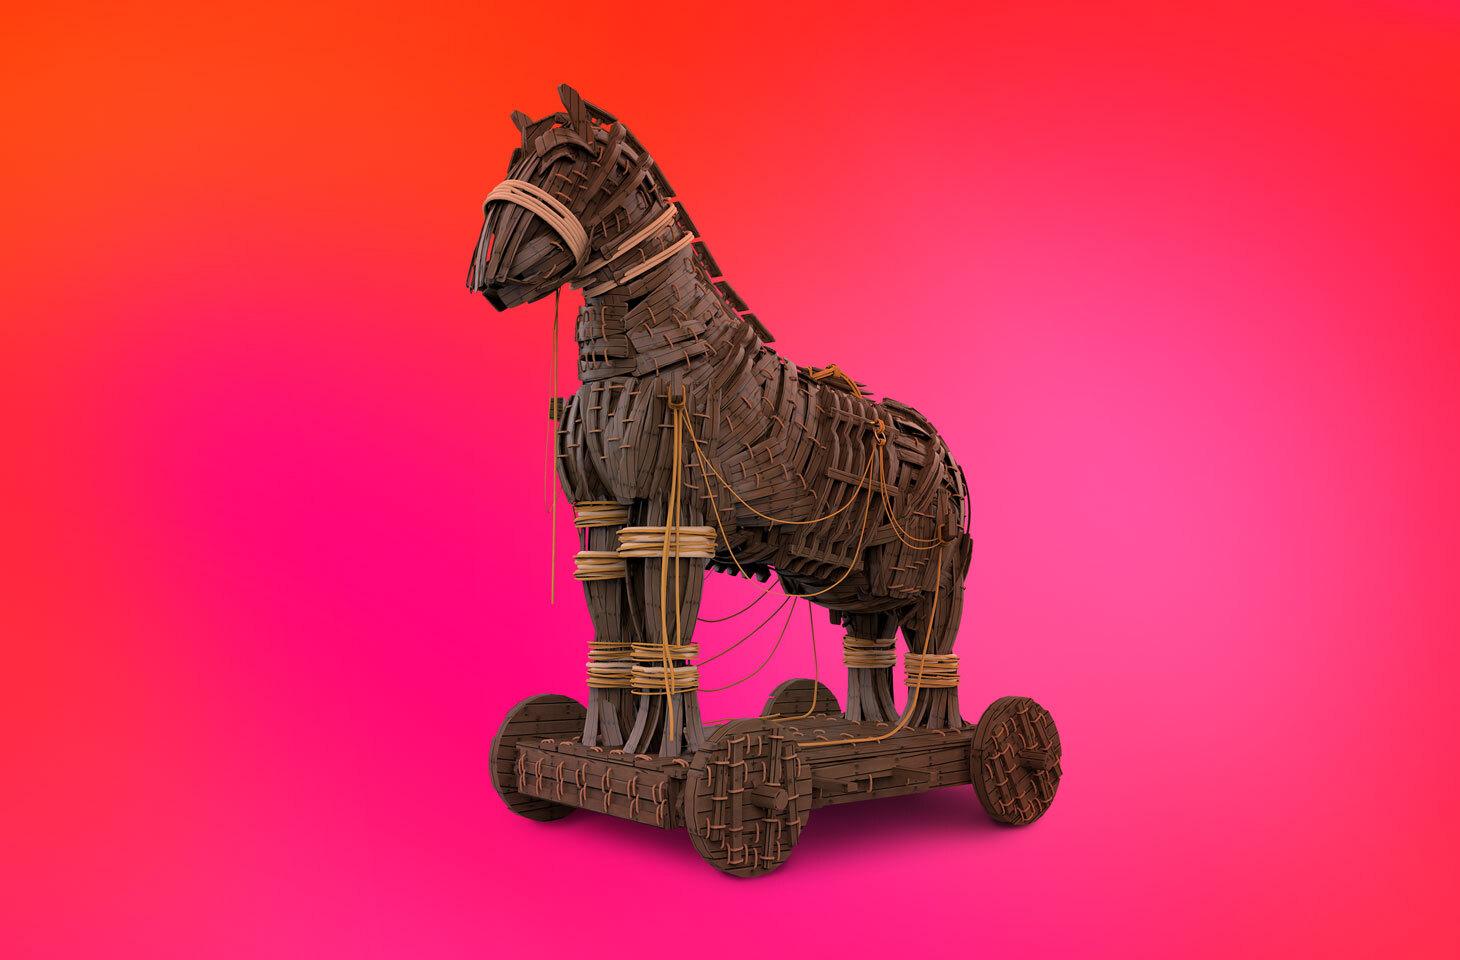 Les spams malveillants diffusent des chevaux de Troie bancaires | Blog officiel de Kaspersky